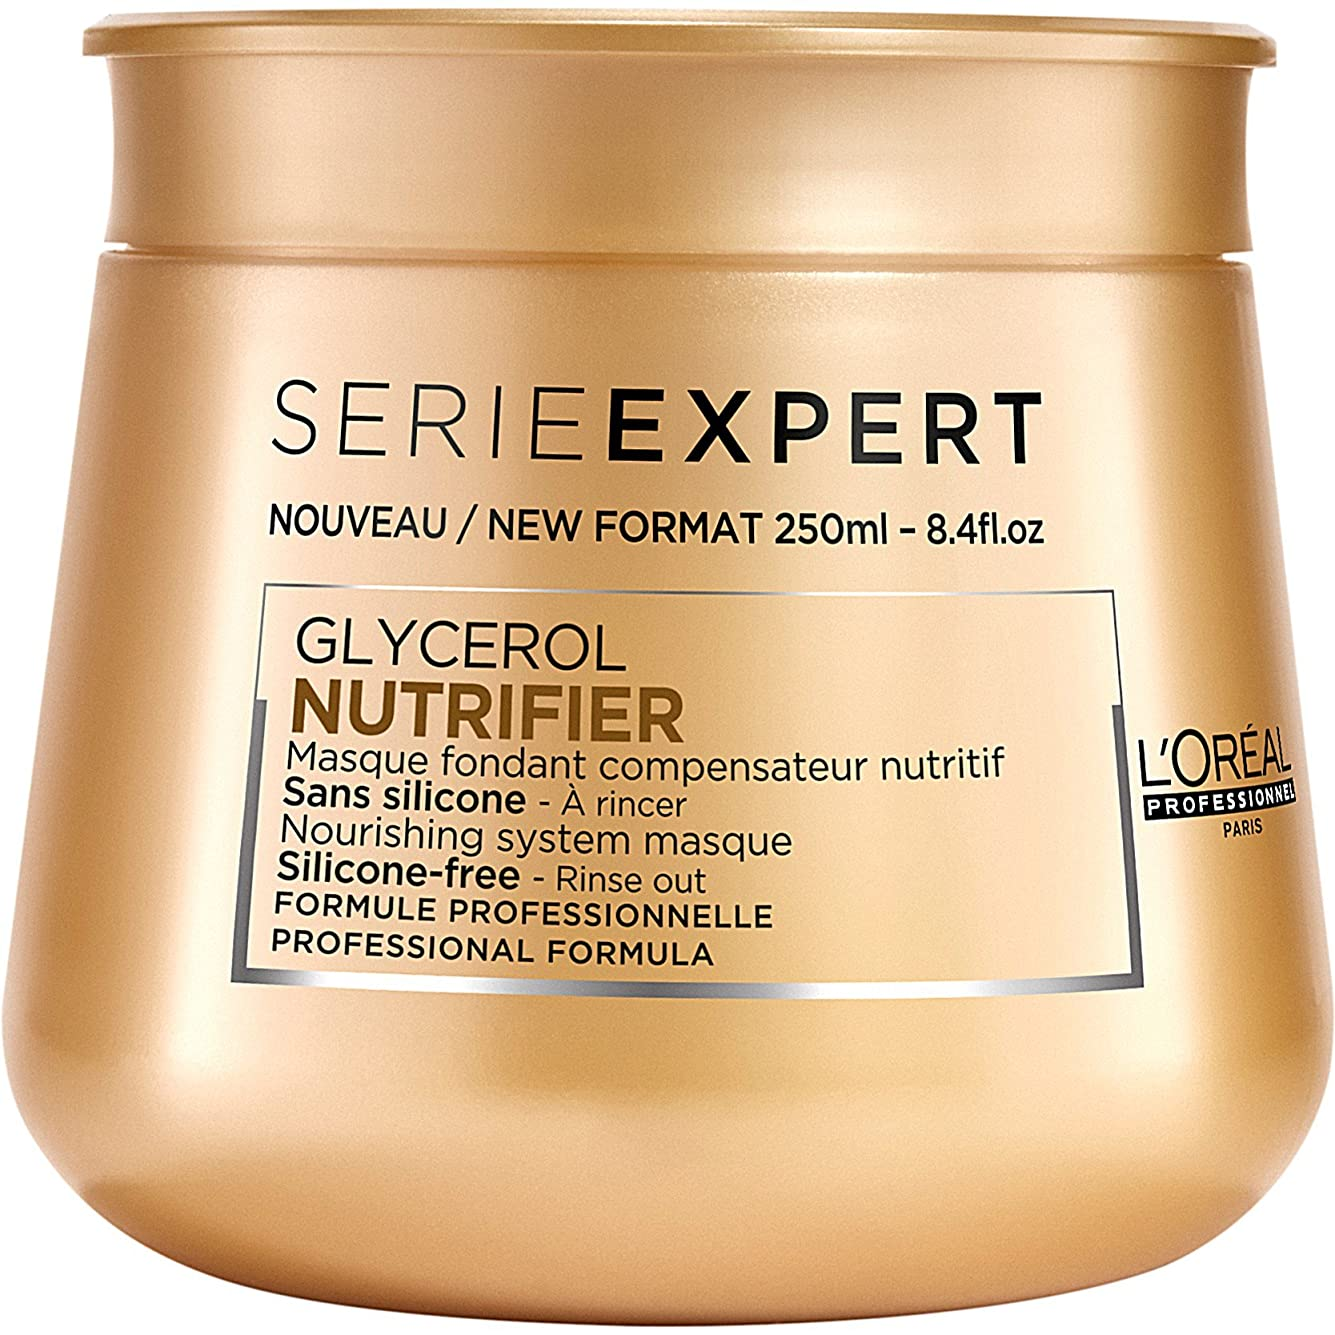 肌防ぐトランクL'Oreal Serie Expert Glycerol NUTRIFIER Nourishing System Masque 250 ml [並行輸入品]